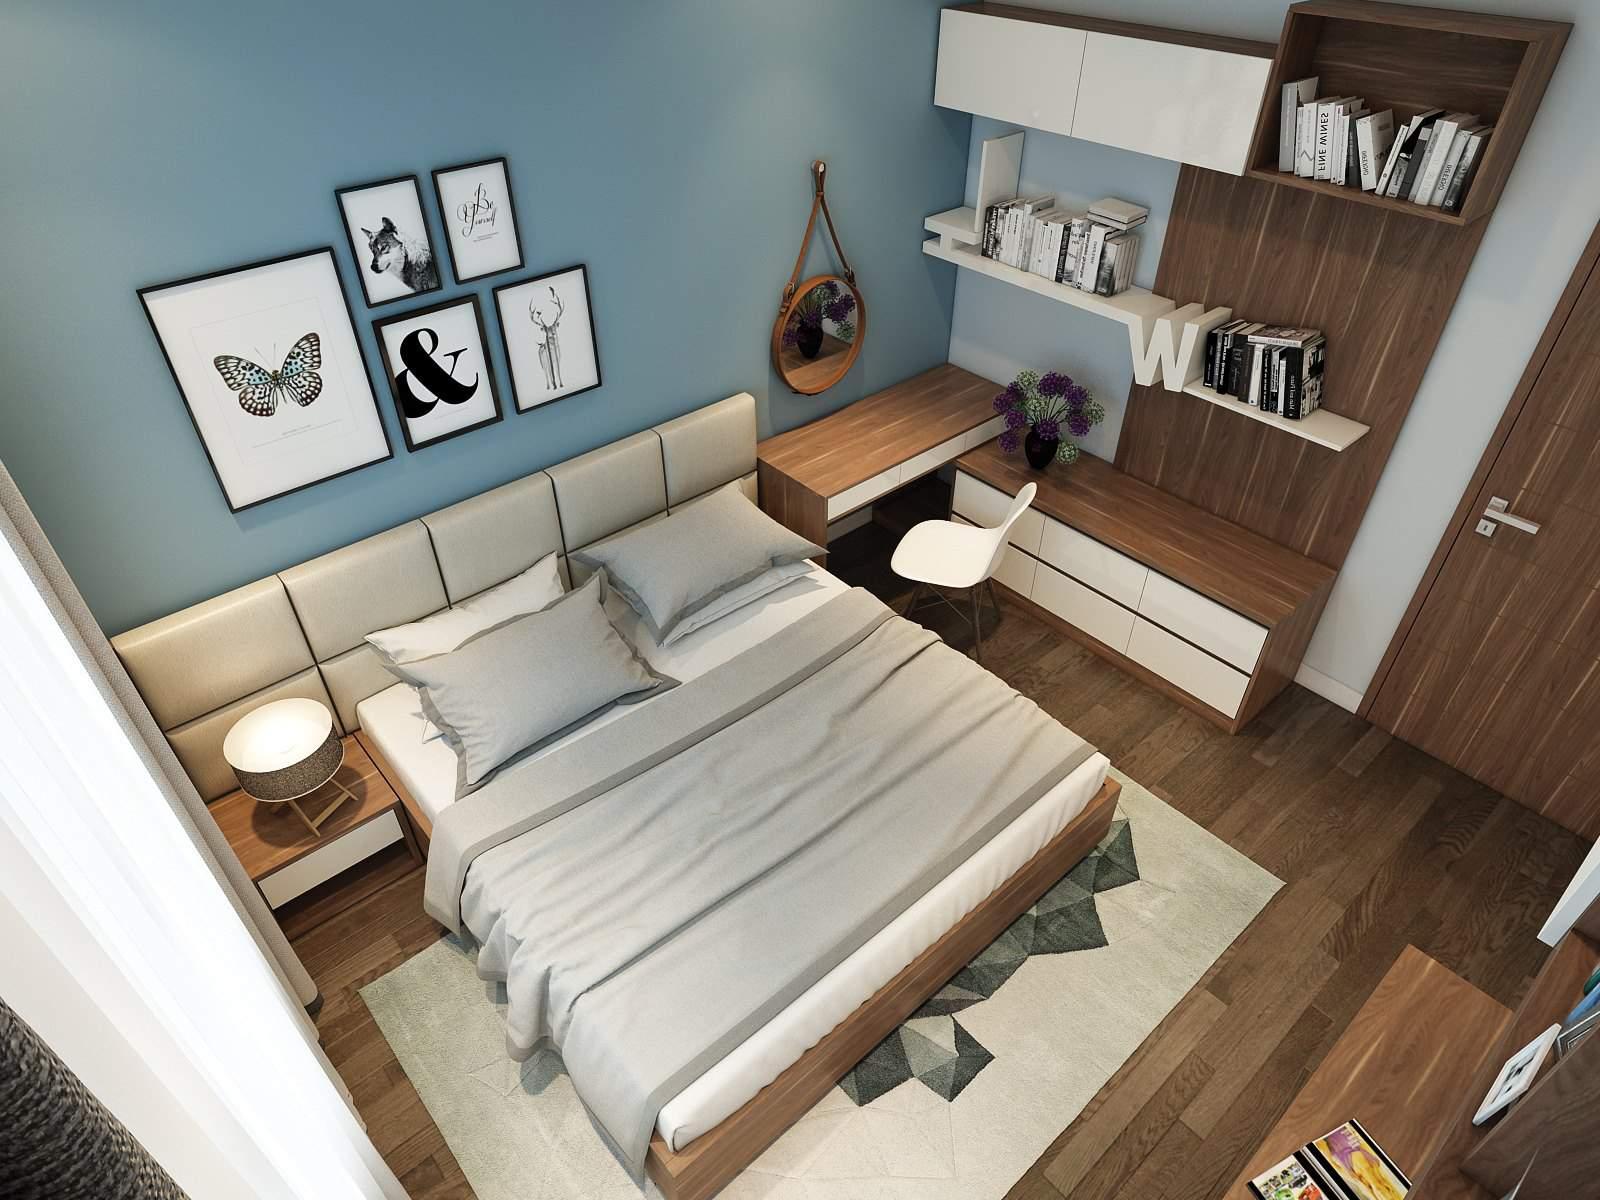 Mẫu thiết kế phòng ngủ đơn giản mà đẹp giúp tiết kiệm diện tích